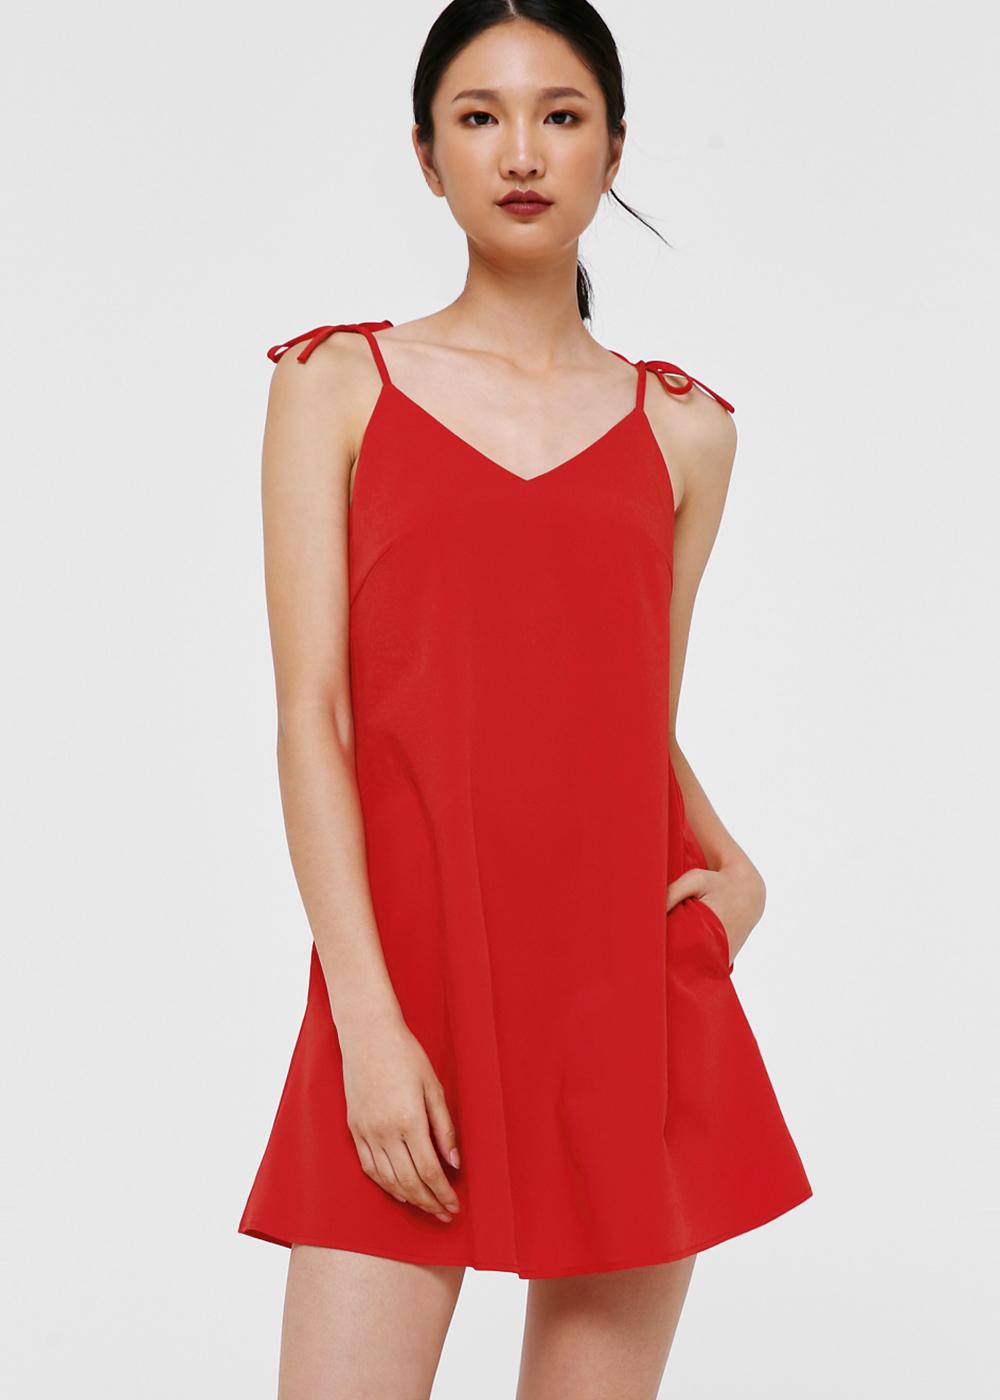 Pomona Ribbon Tie Camisole Dress